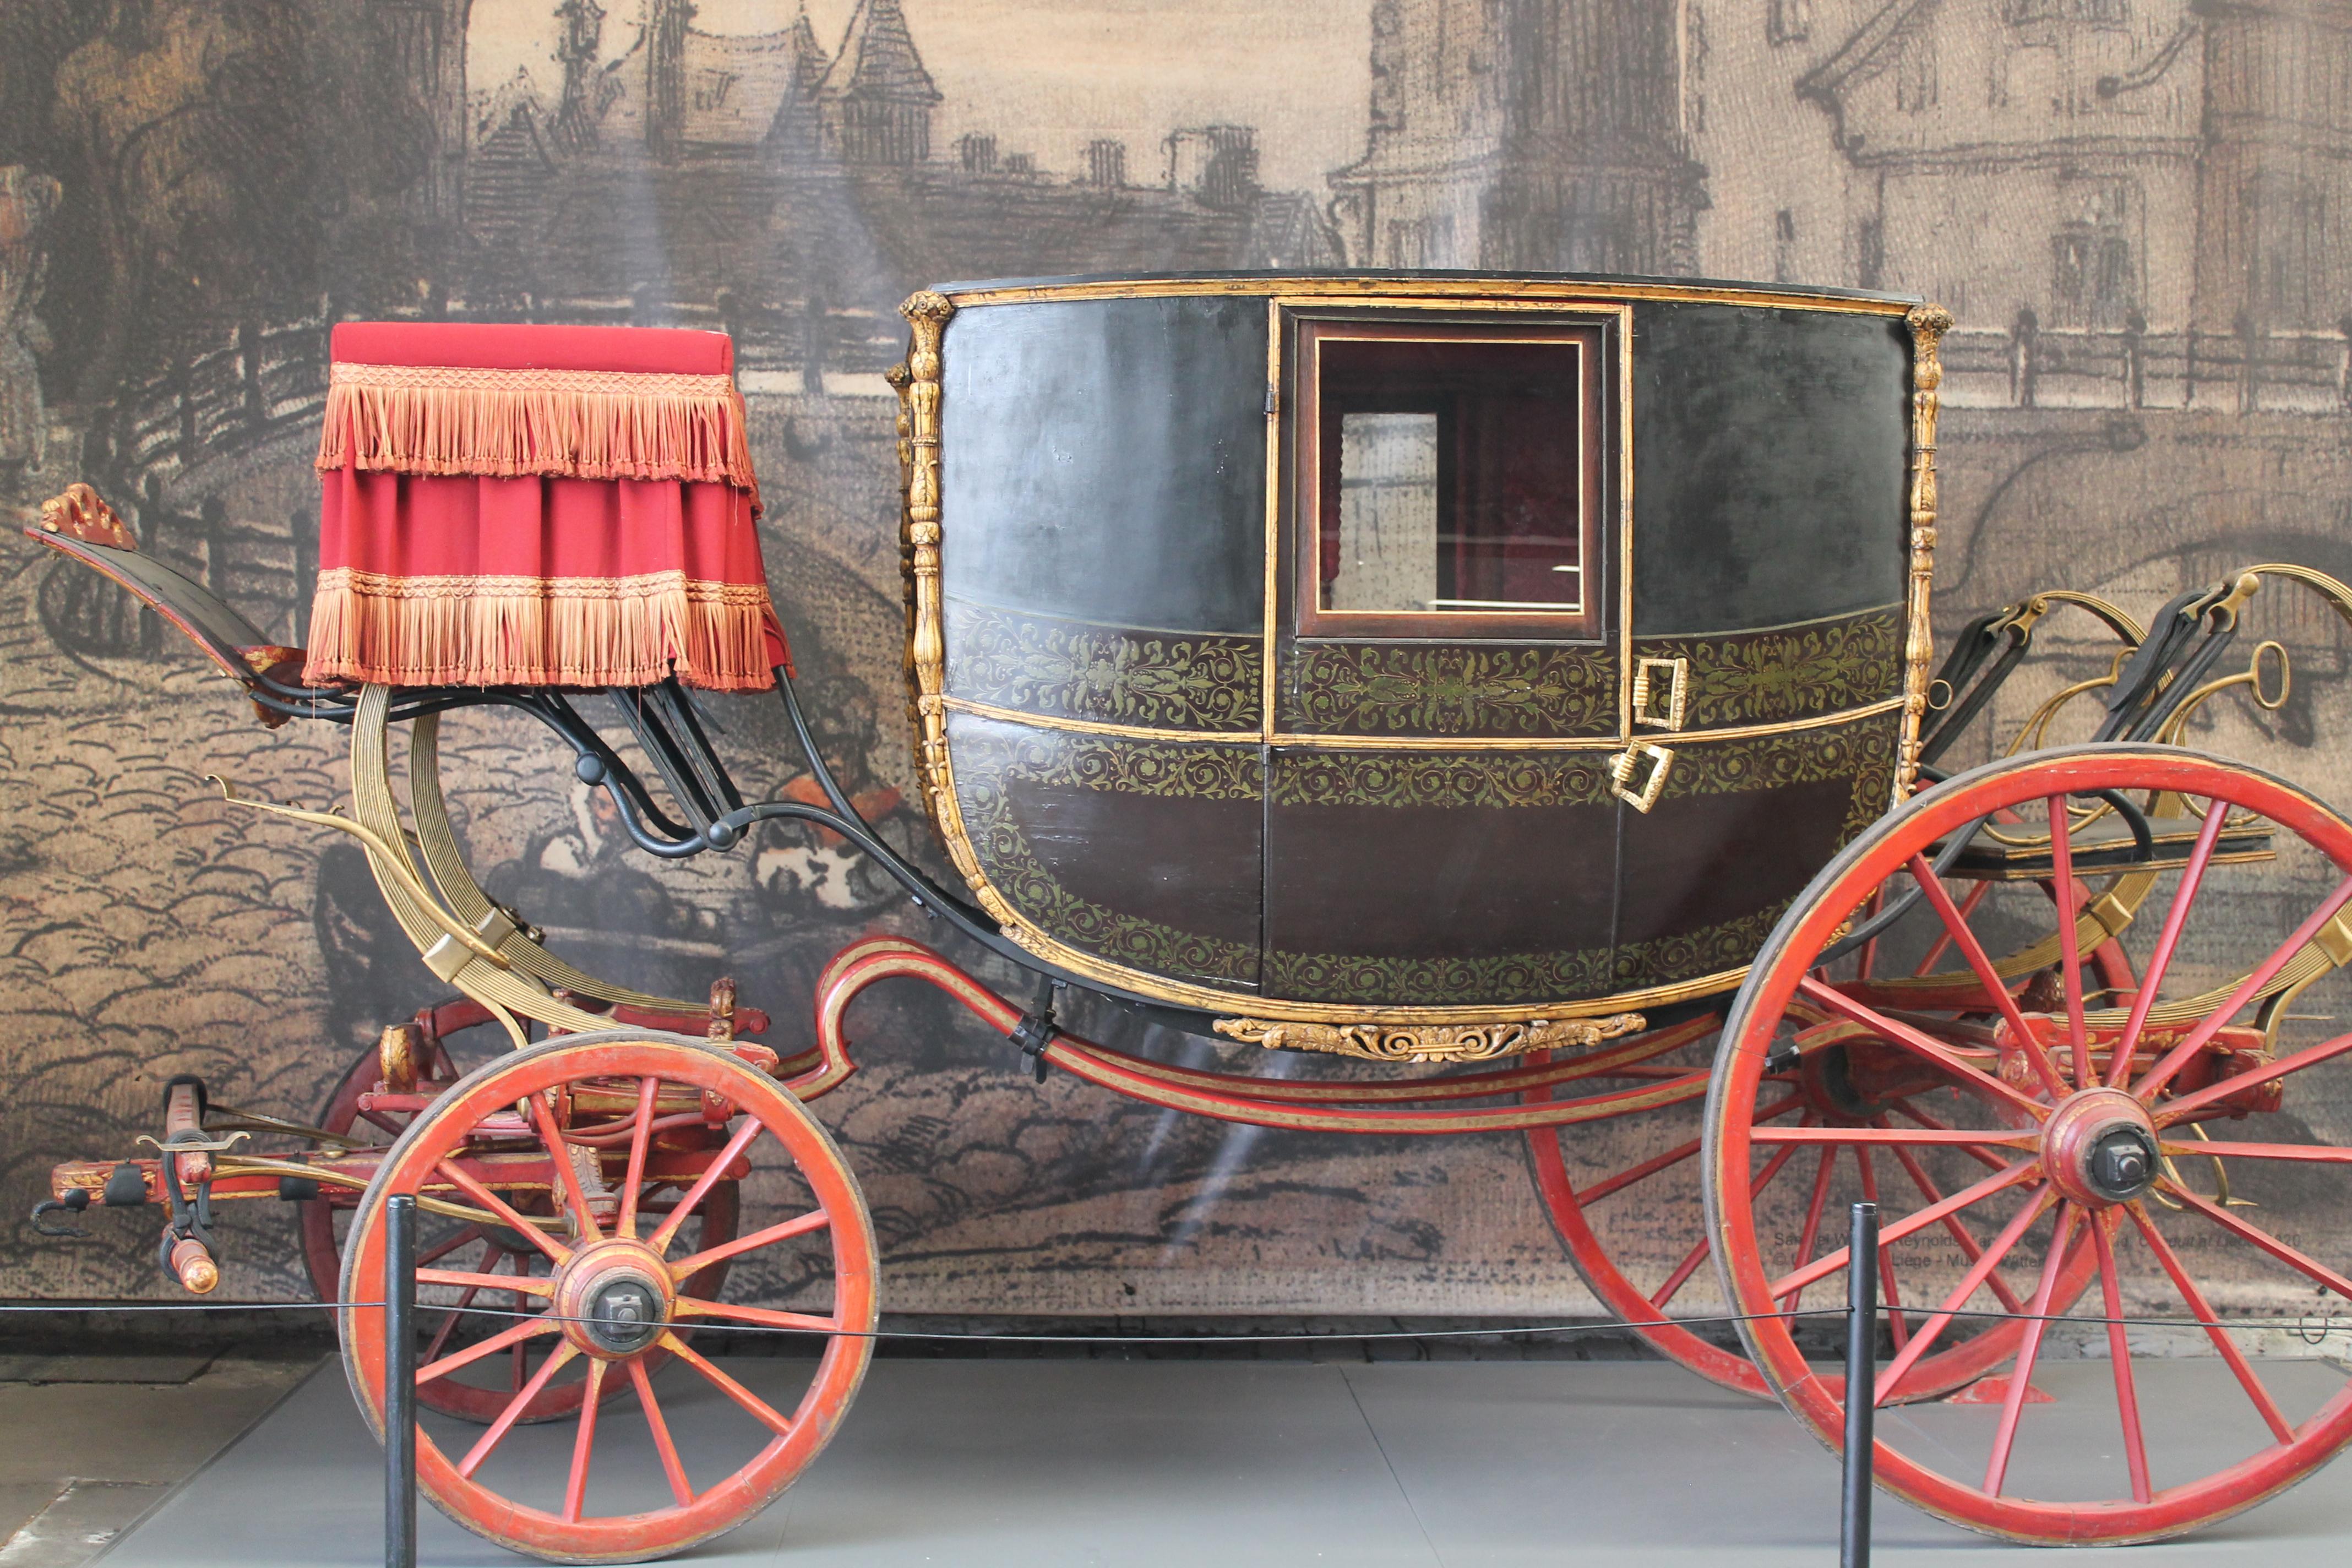 Berline de gala - Collections Province de Liège - Musée de la Vie wallonne